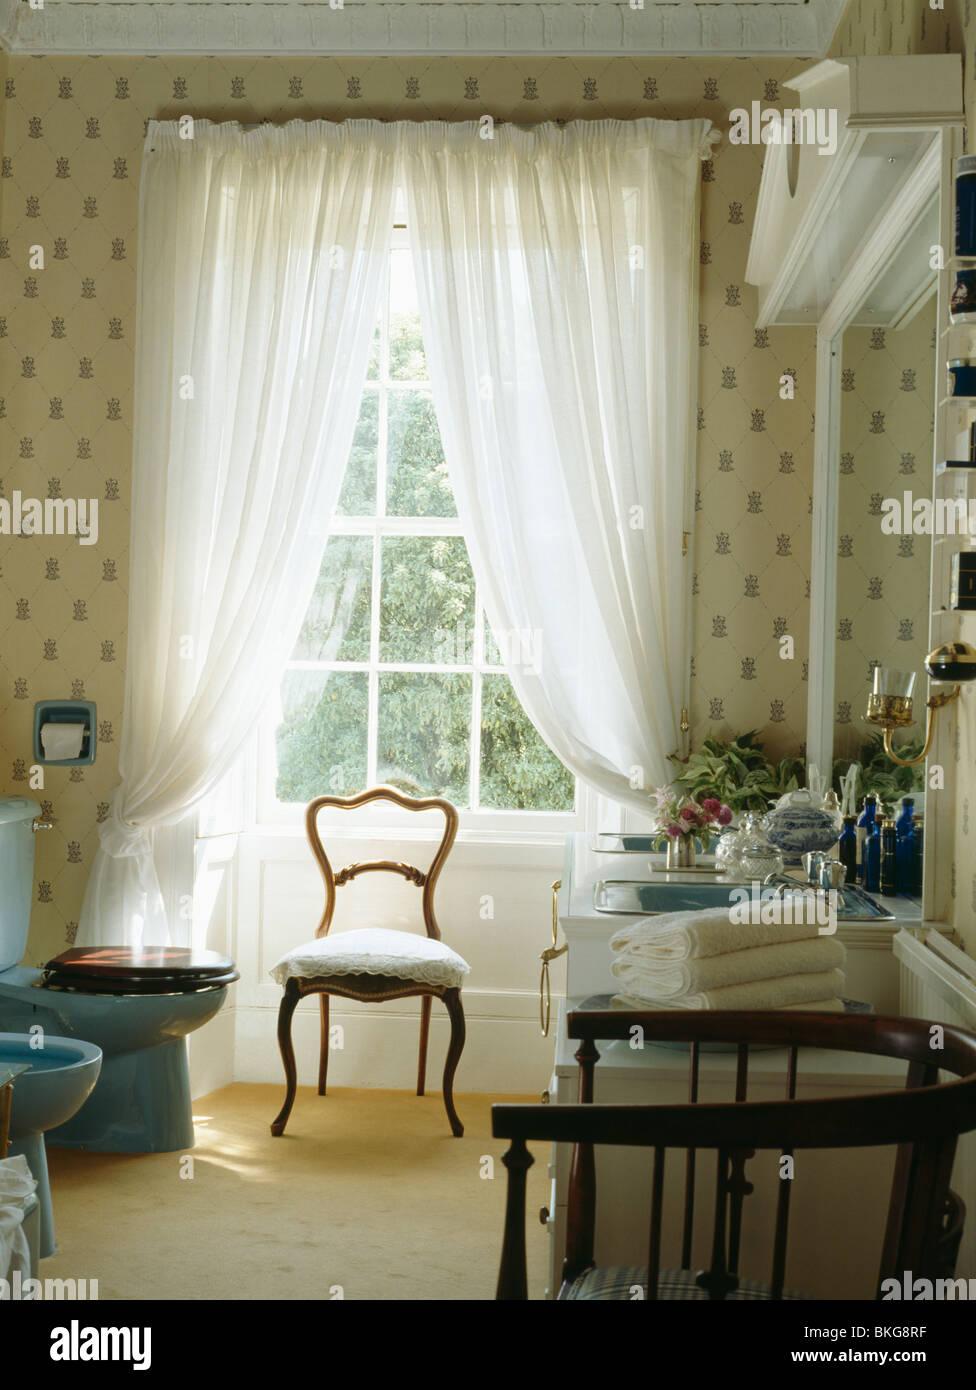 Chaise Face à La Fenêtre Avec Des Rideaux En Voile Blanc Salle De Bain  Traditionnelle Avec Papier Peint à Motifs Et Moquette Crème